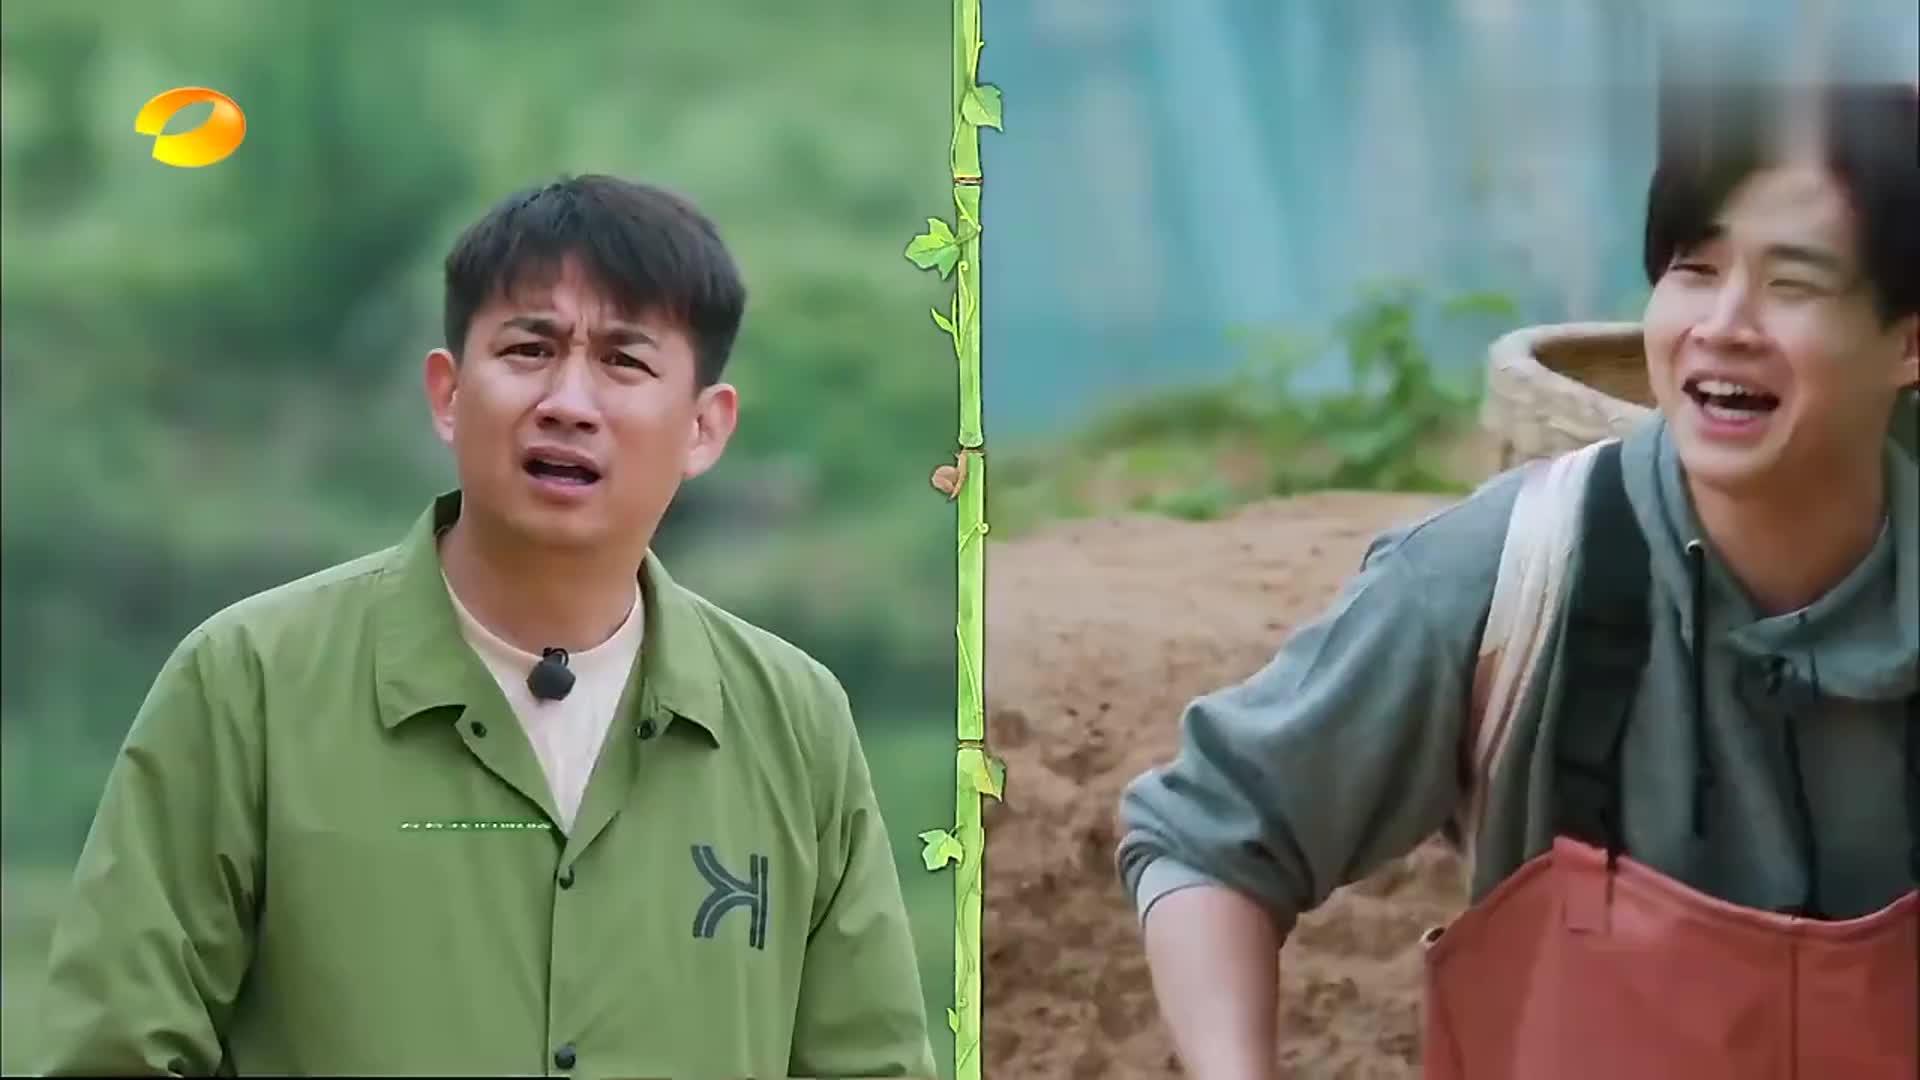 戚薇带特产辣椒面做客,黄磊说跟张杰一样,四川人的共性!